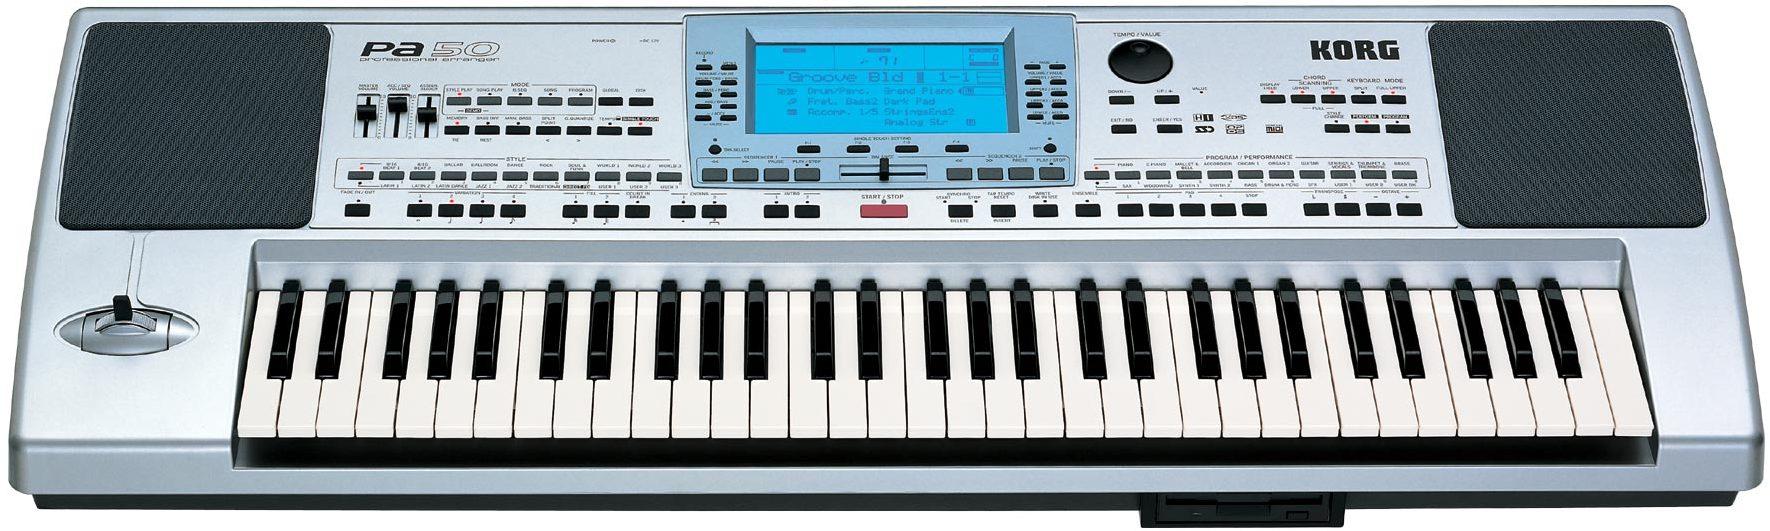 Инструкция на русском языке на синтезатор